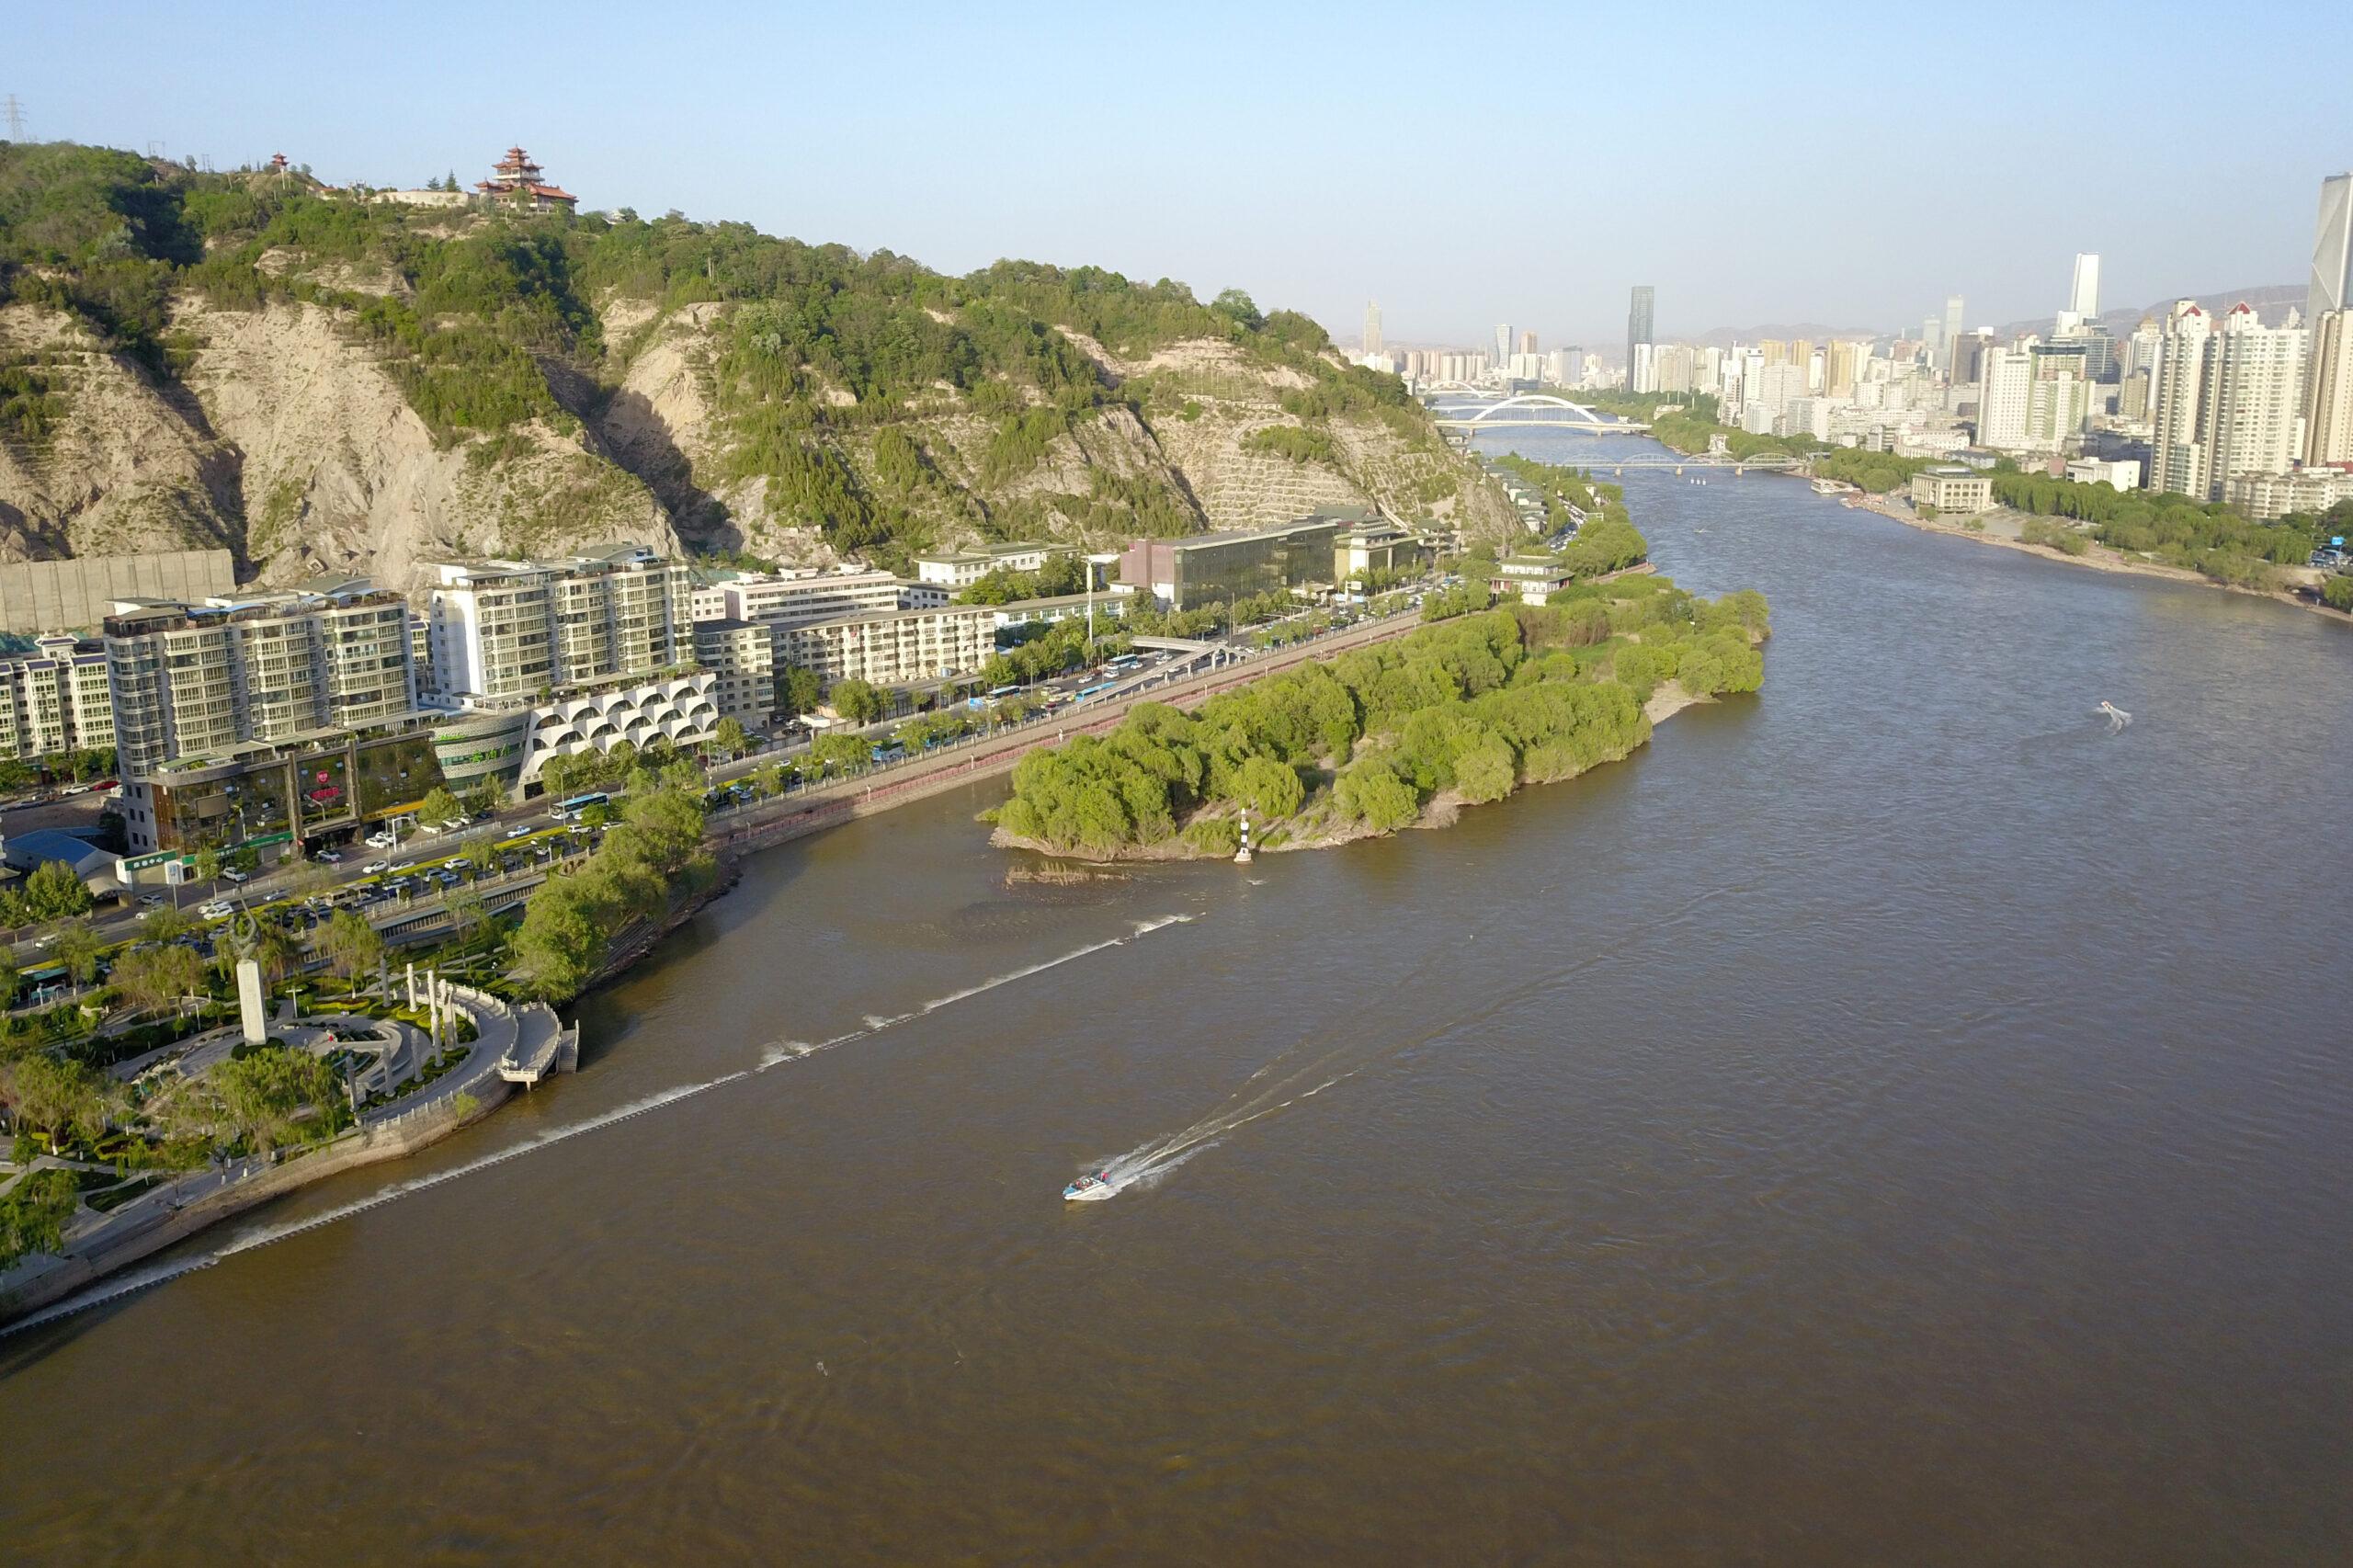 'แม่น้ำเหลือง' มีคุณภาพน้ำดีขึ้นในช่วง 5 ปีที่ผ่านมา